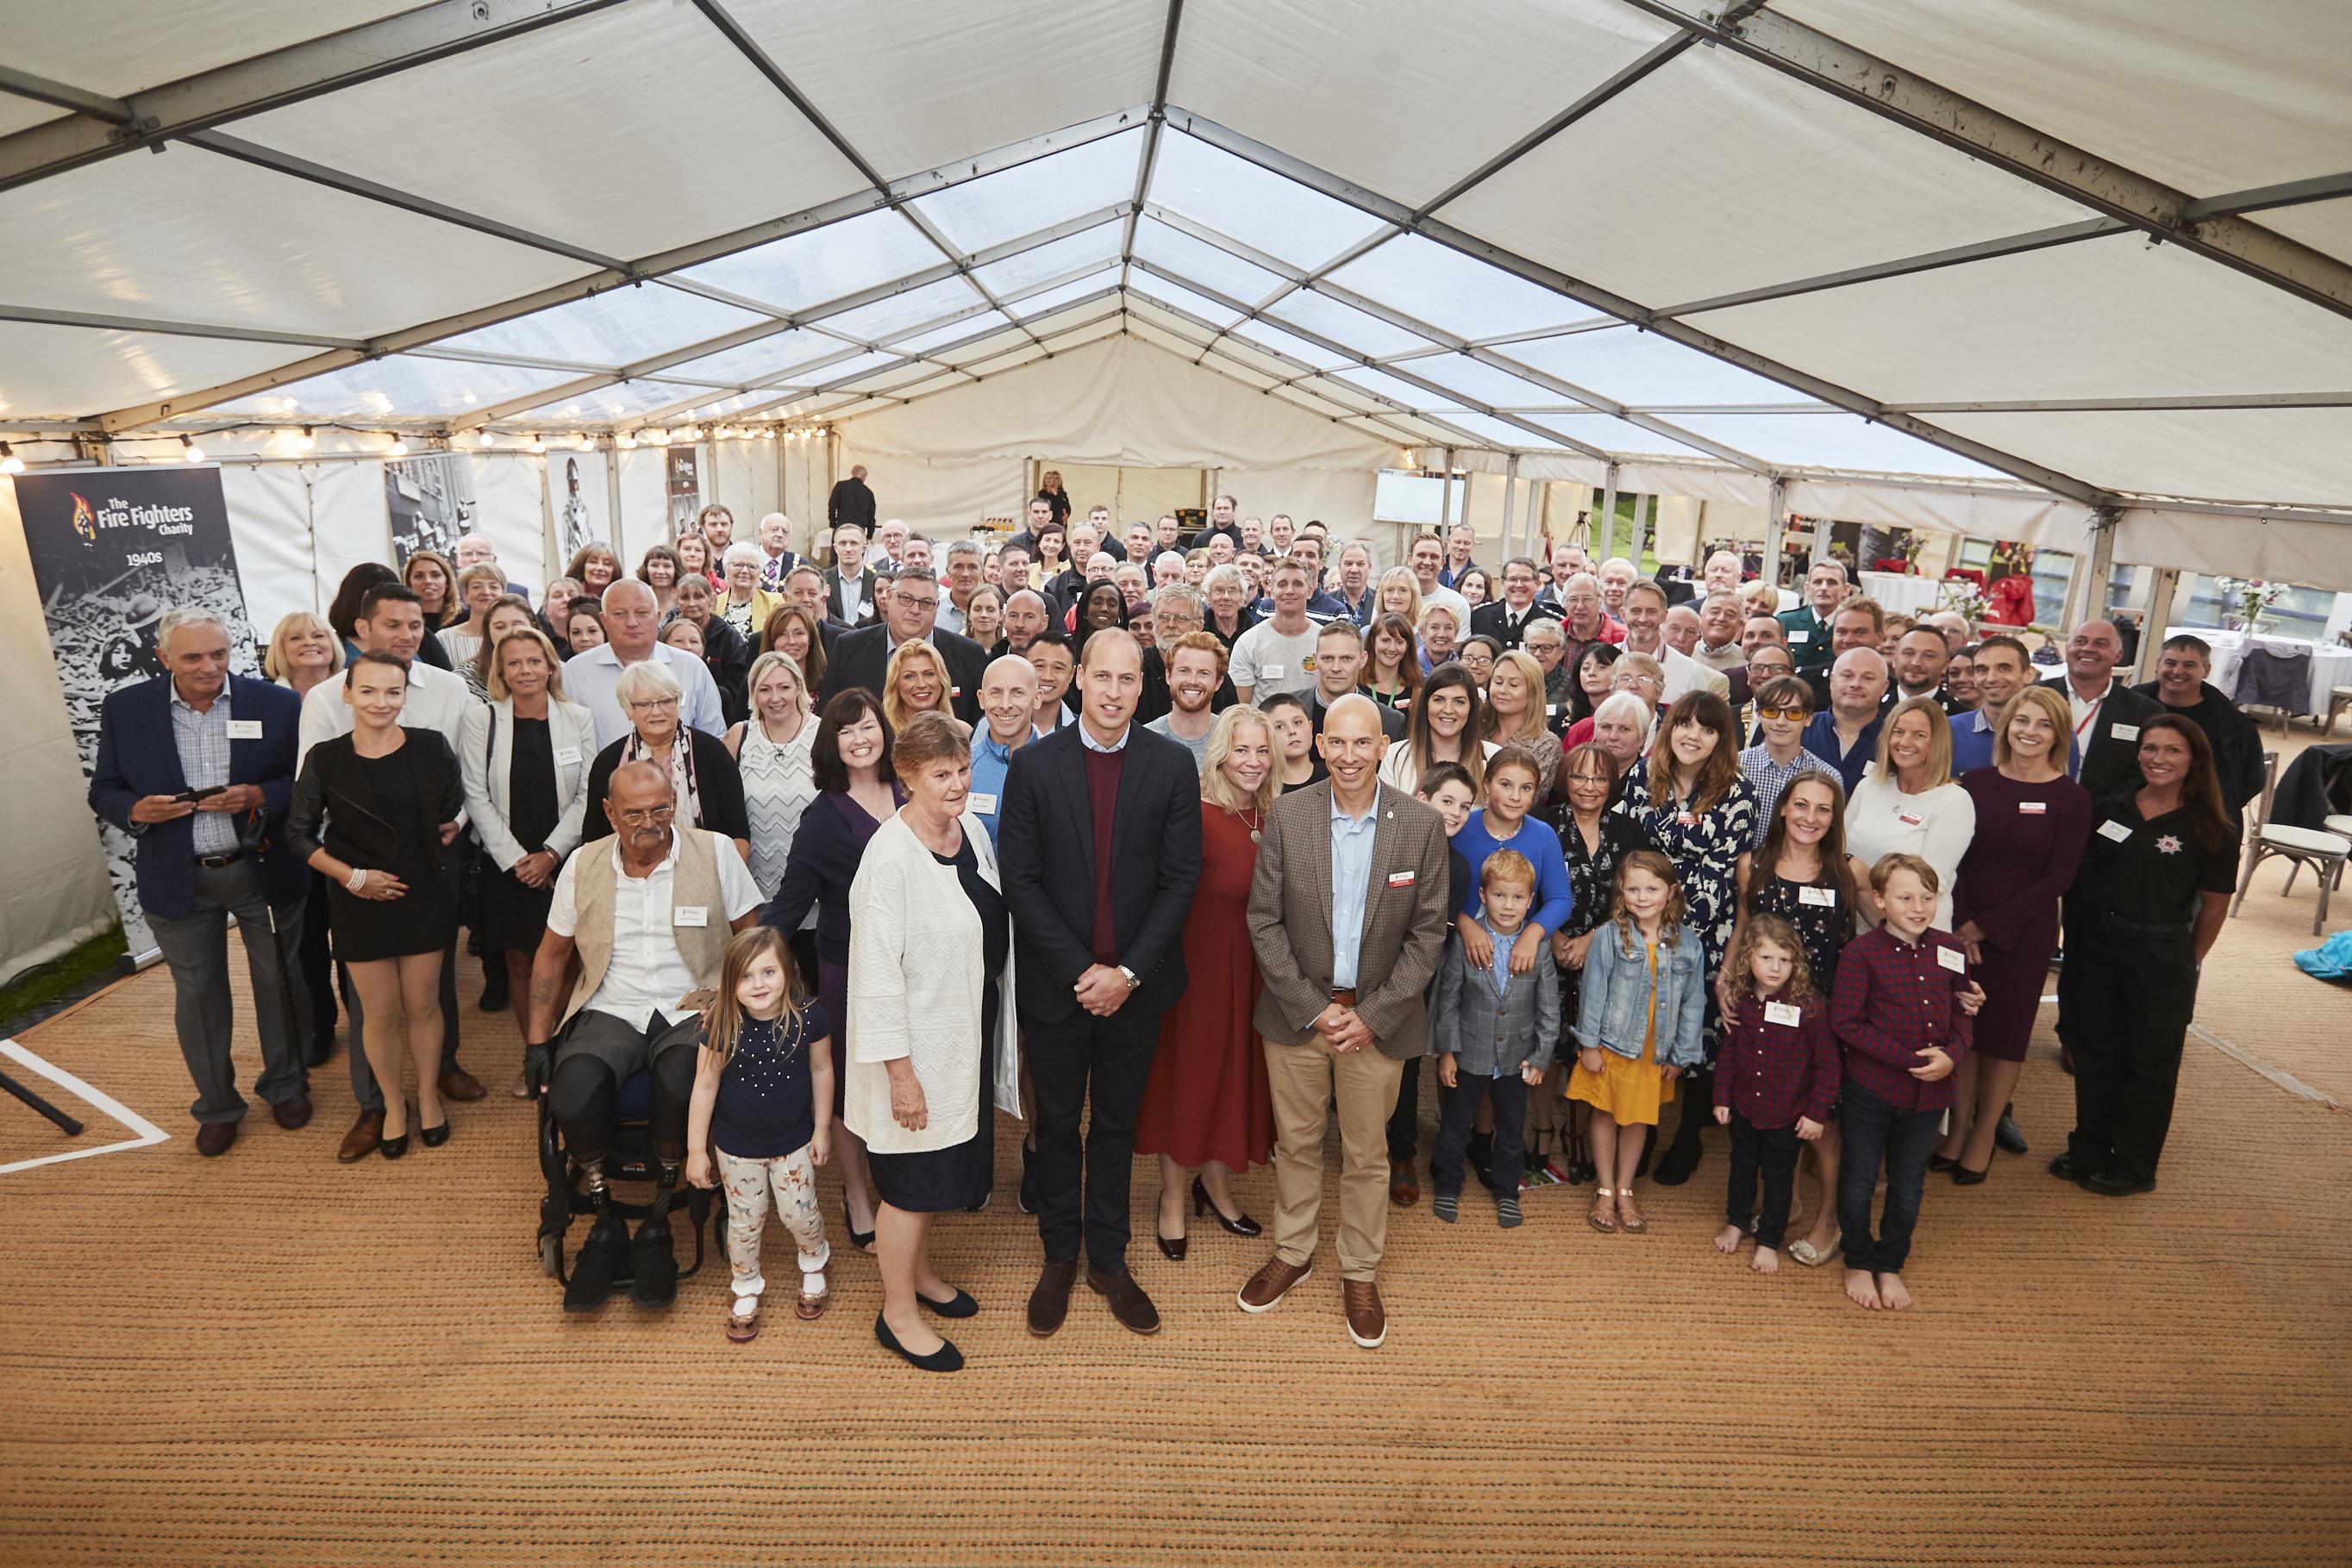 Royal Visit to Harcombe House